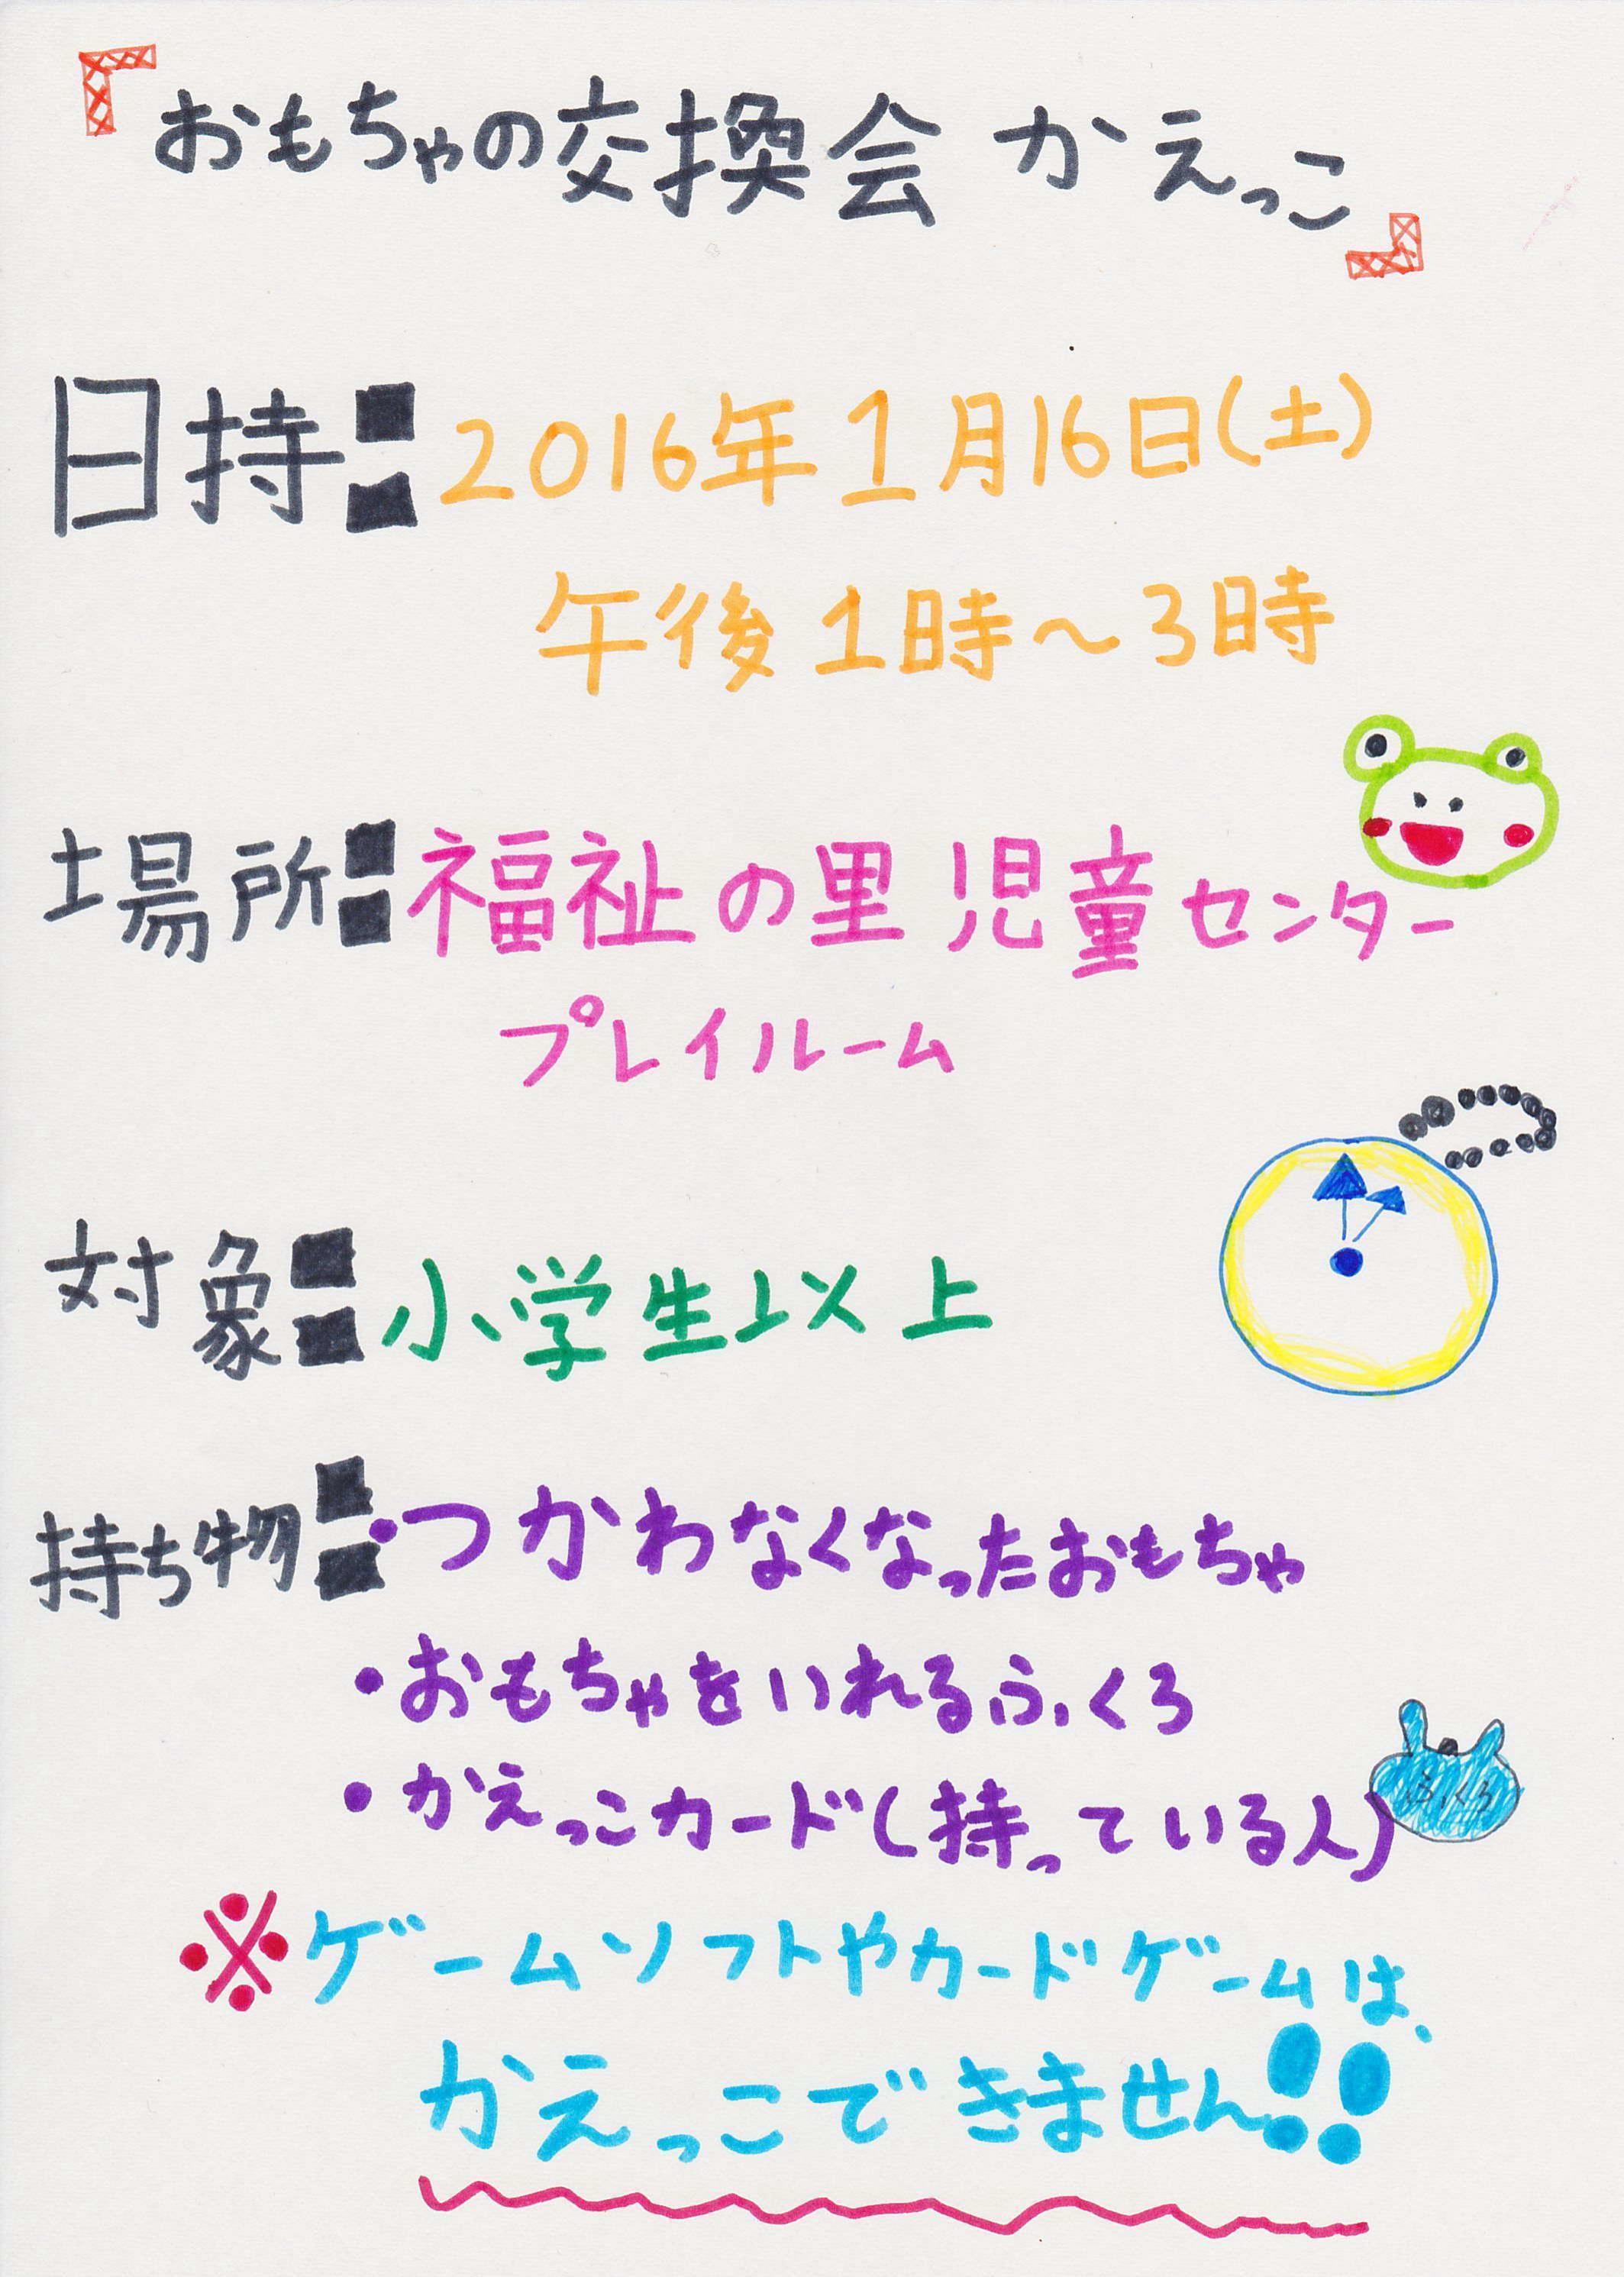 埼玉県新座市からの開催情報_b0087598_15410077.jpg